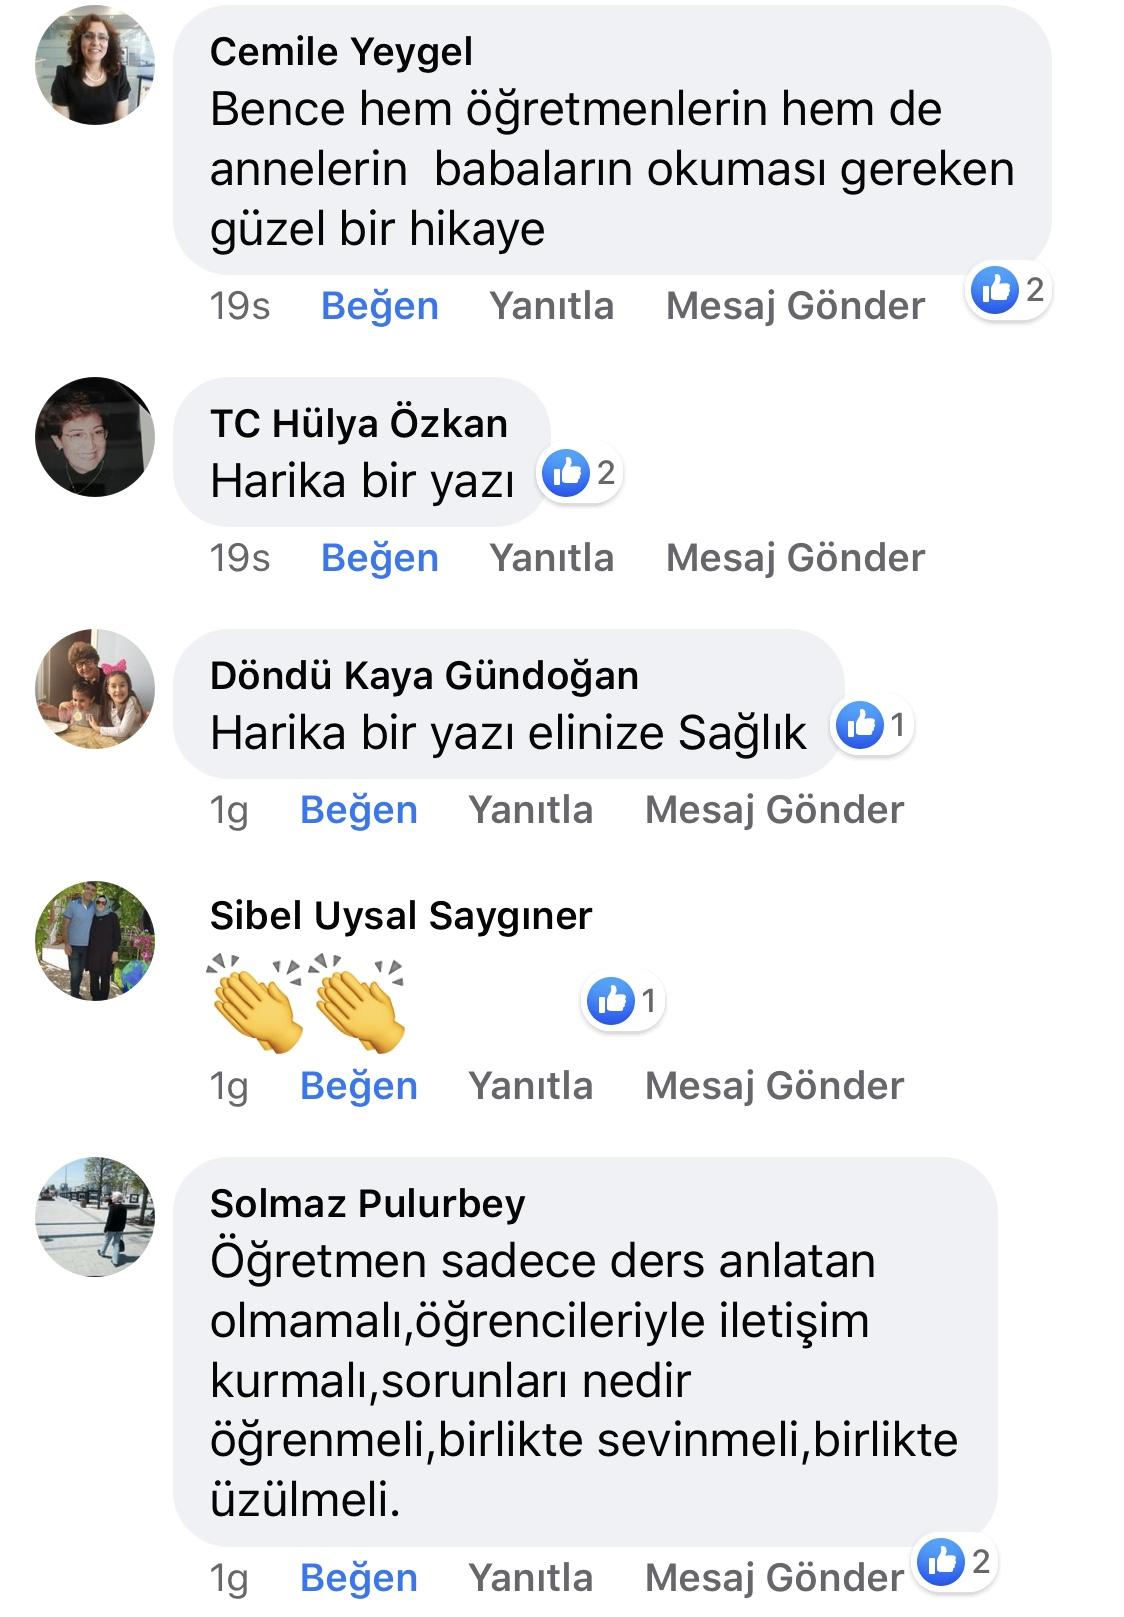 Karnıyarık | Zeynep Mete | SenVeBen Facebook Sayfası Yorumları | 13